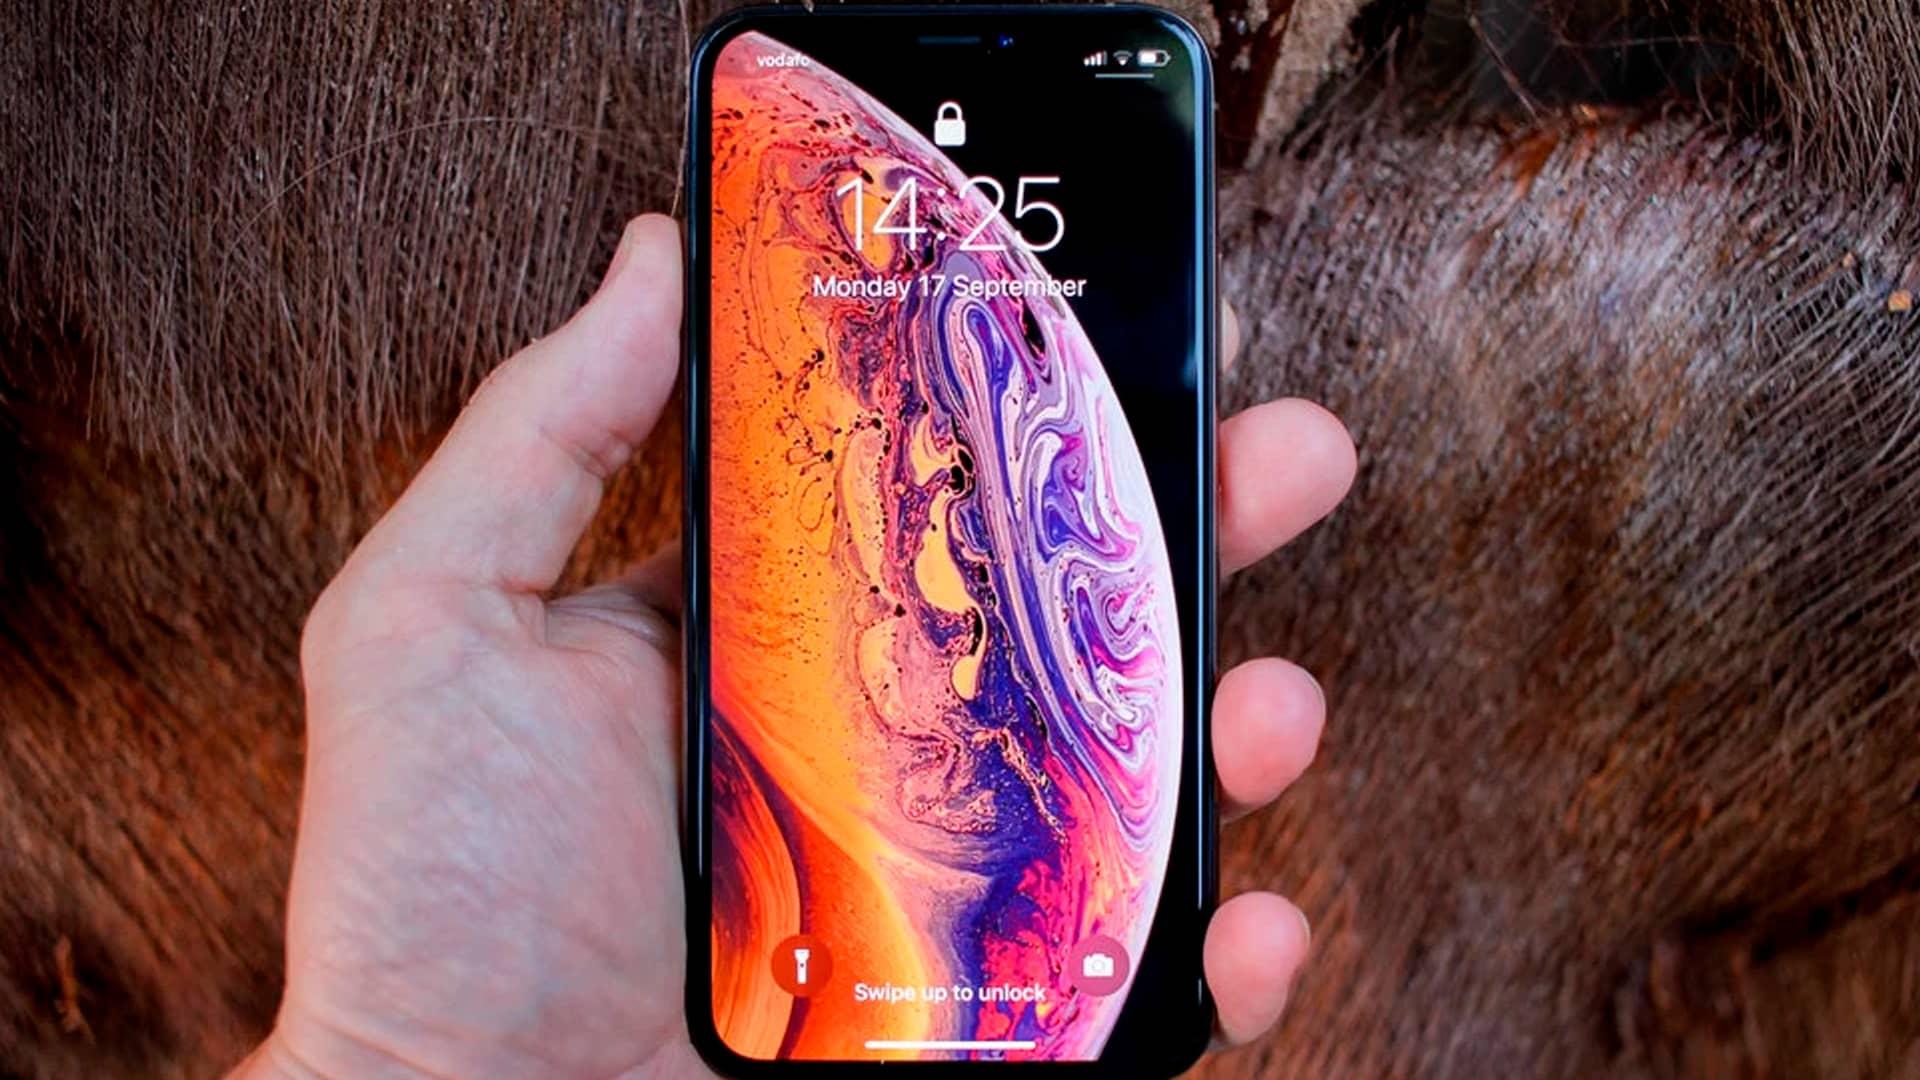 ▷ Compra el iPhone XS con Vodafone: ¿sigue disponible?